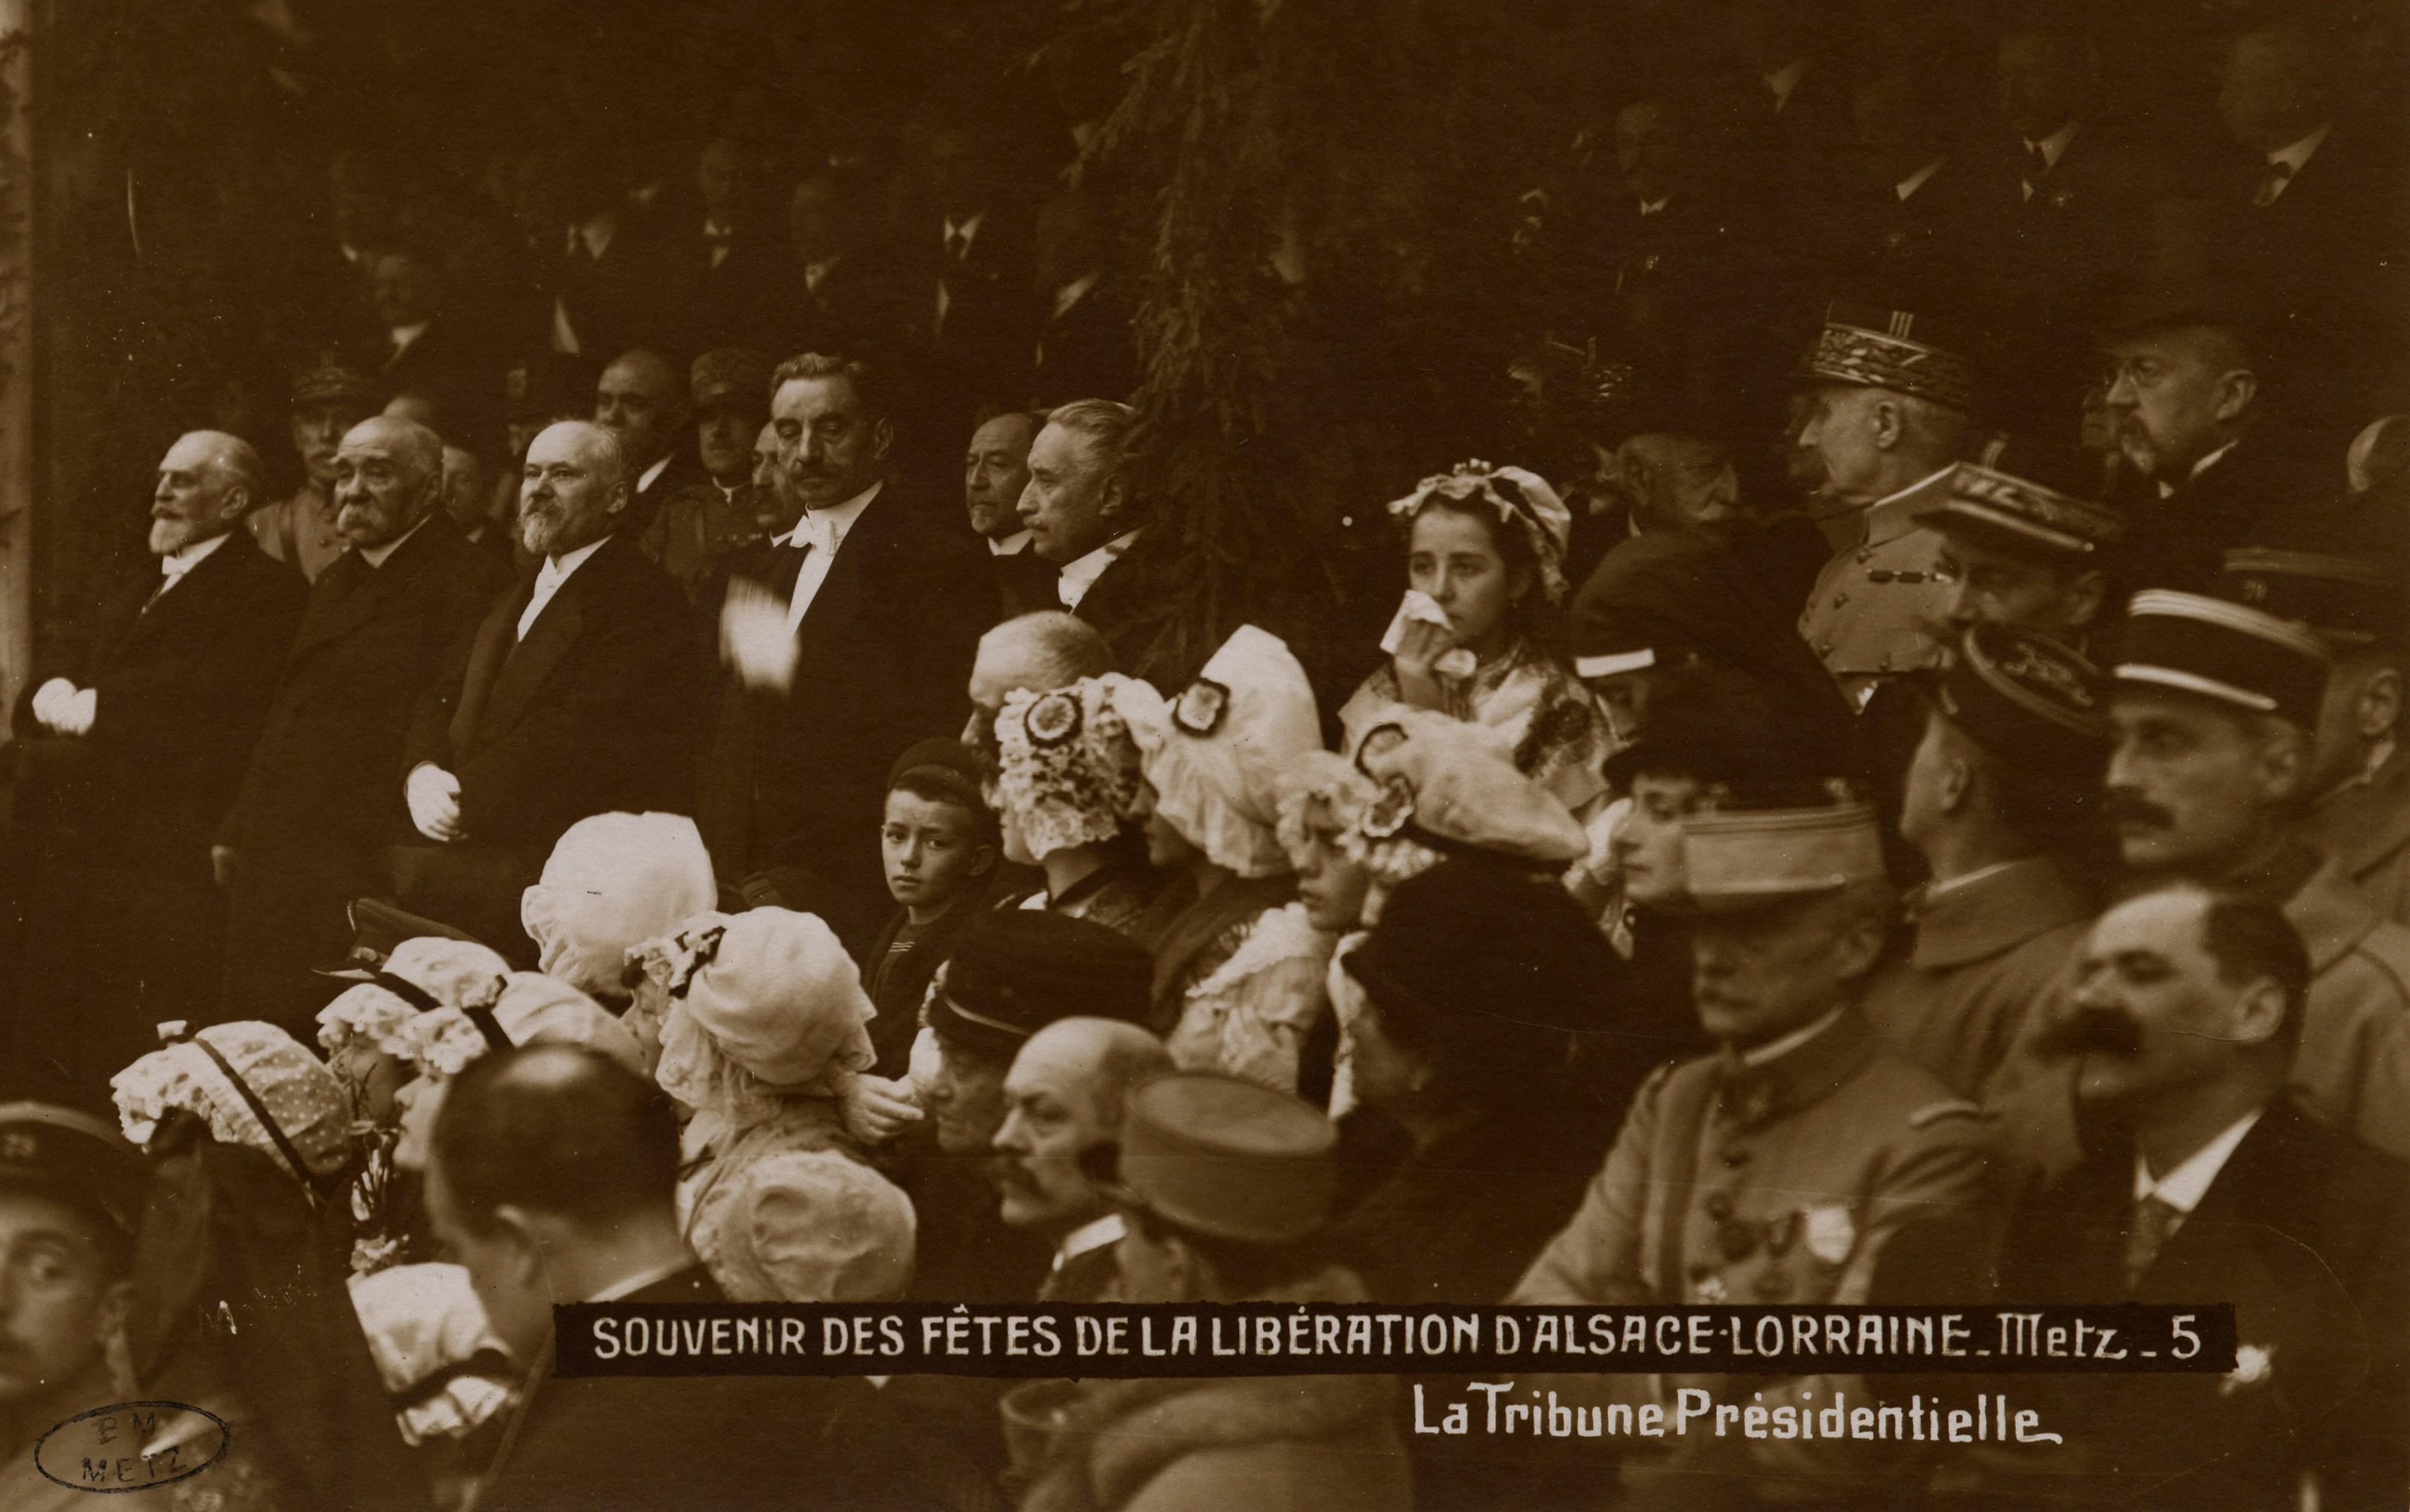 Contenu du Souvenirs des Fêtes de la Libération d'Alsace Lorraine. Metz.  La Tribune Présidentielle.